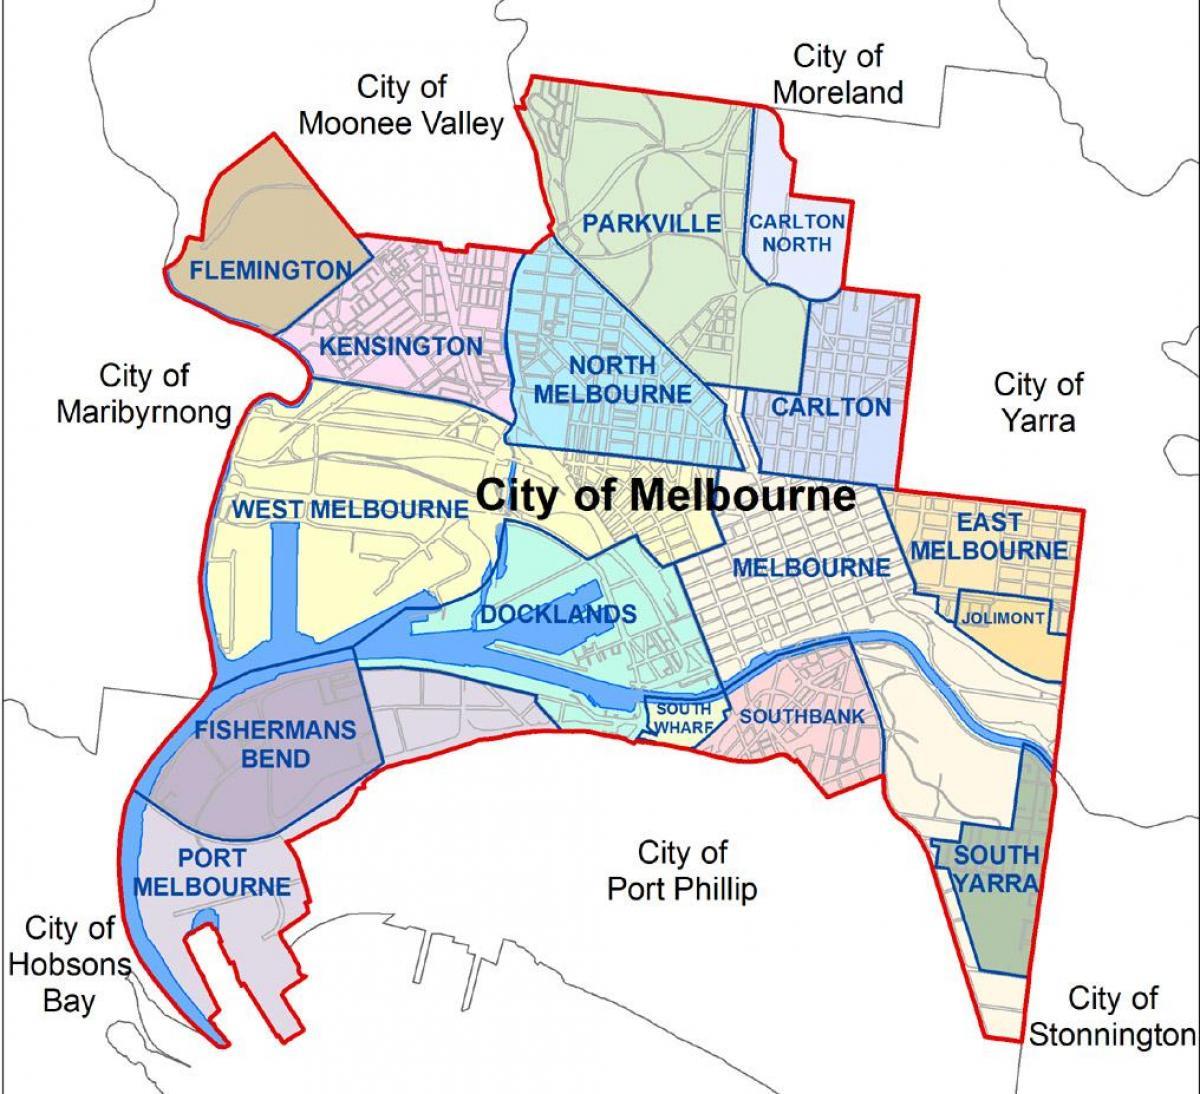 mapa da cidade de melbourne